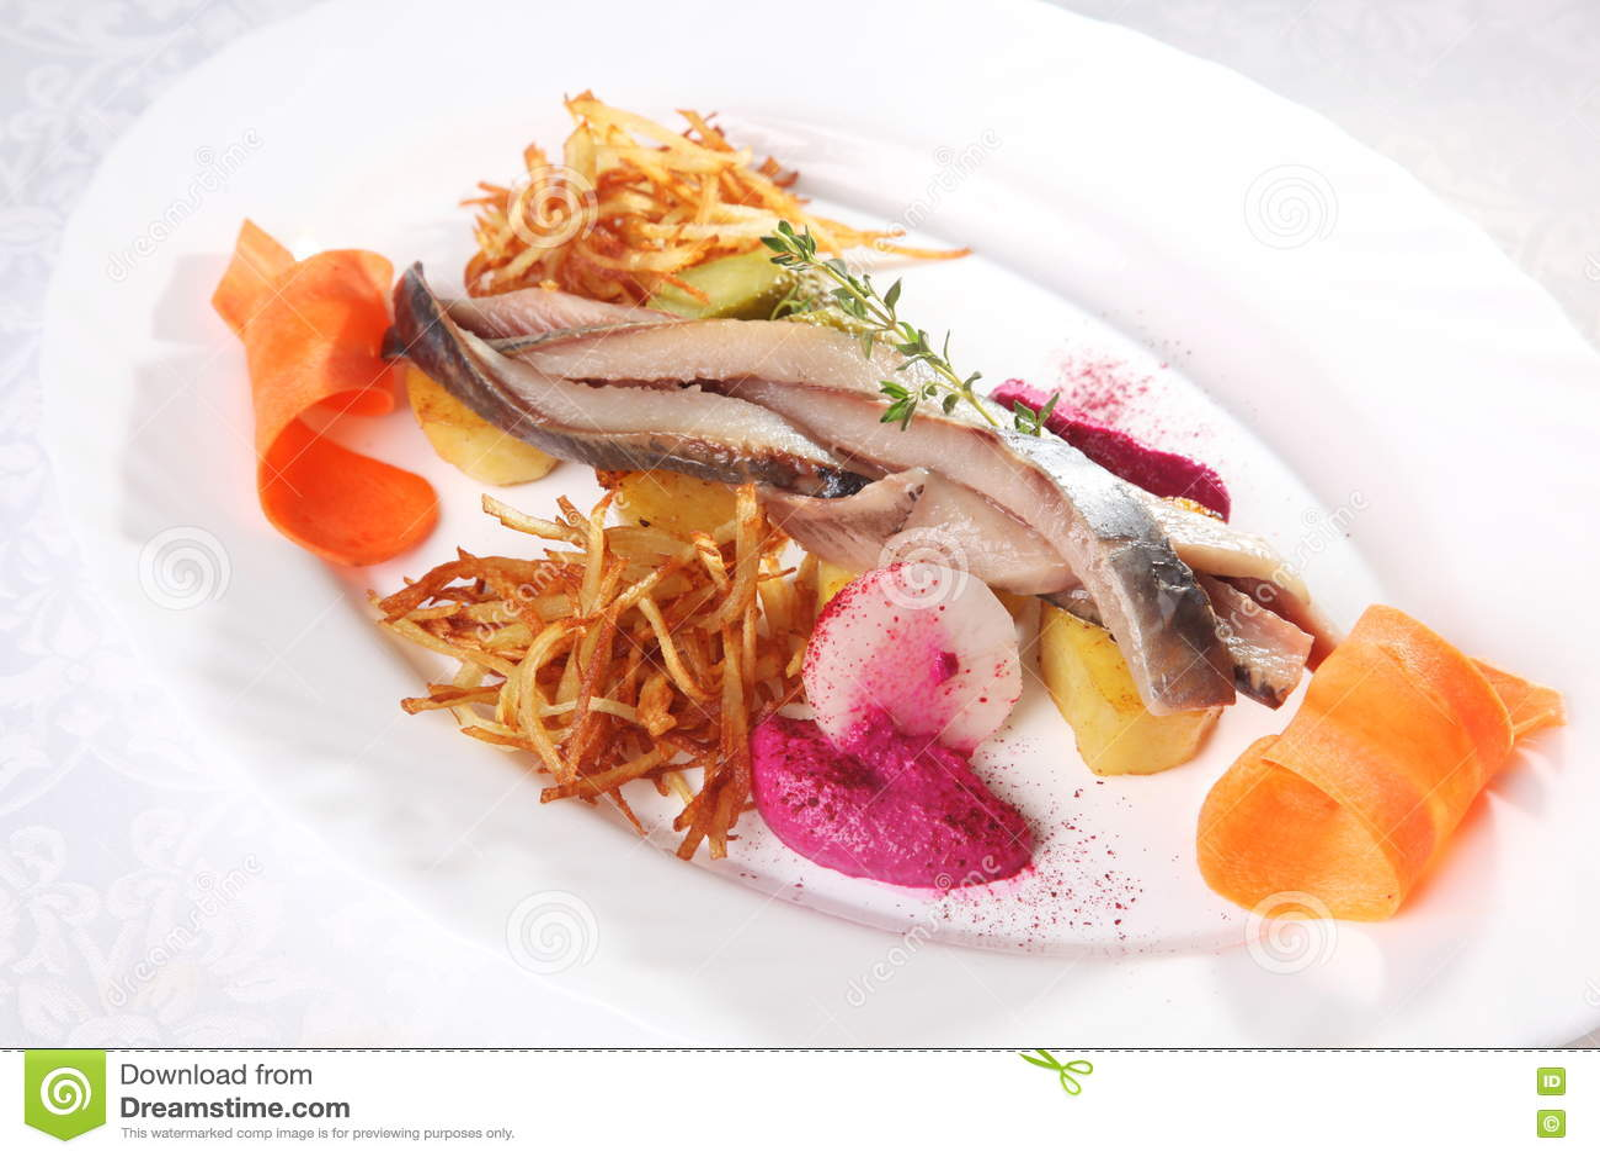 鲱鱼用土豆和葱